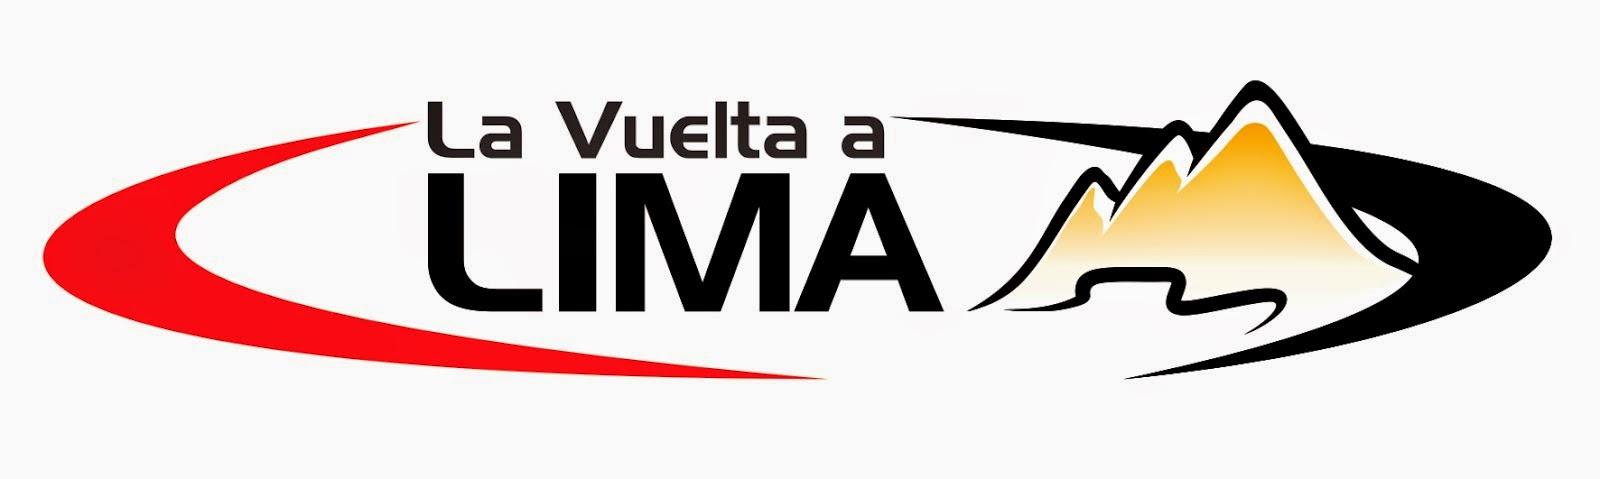 La Vuelta a Lima-Ciclismo